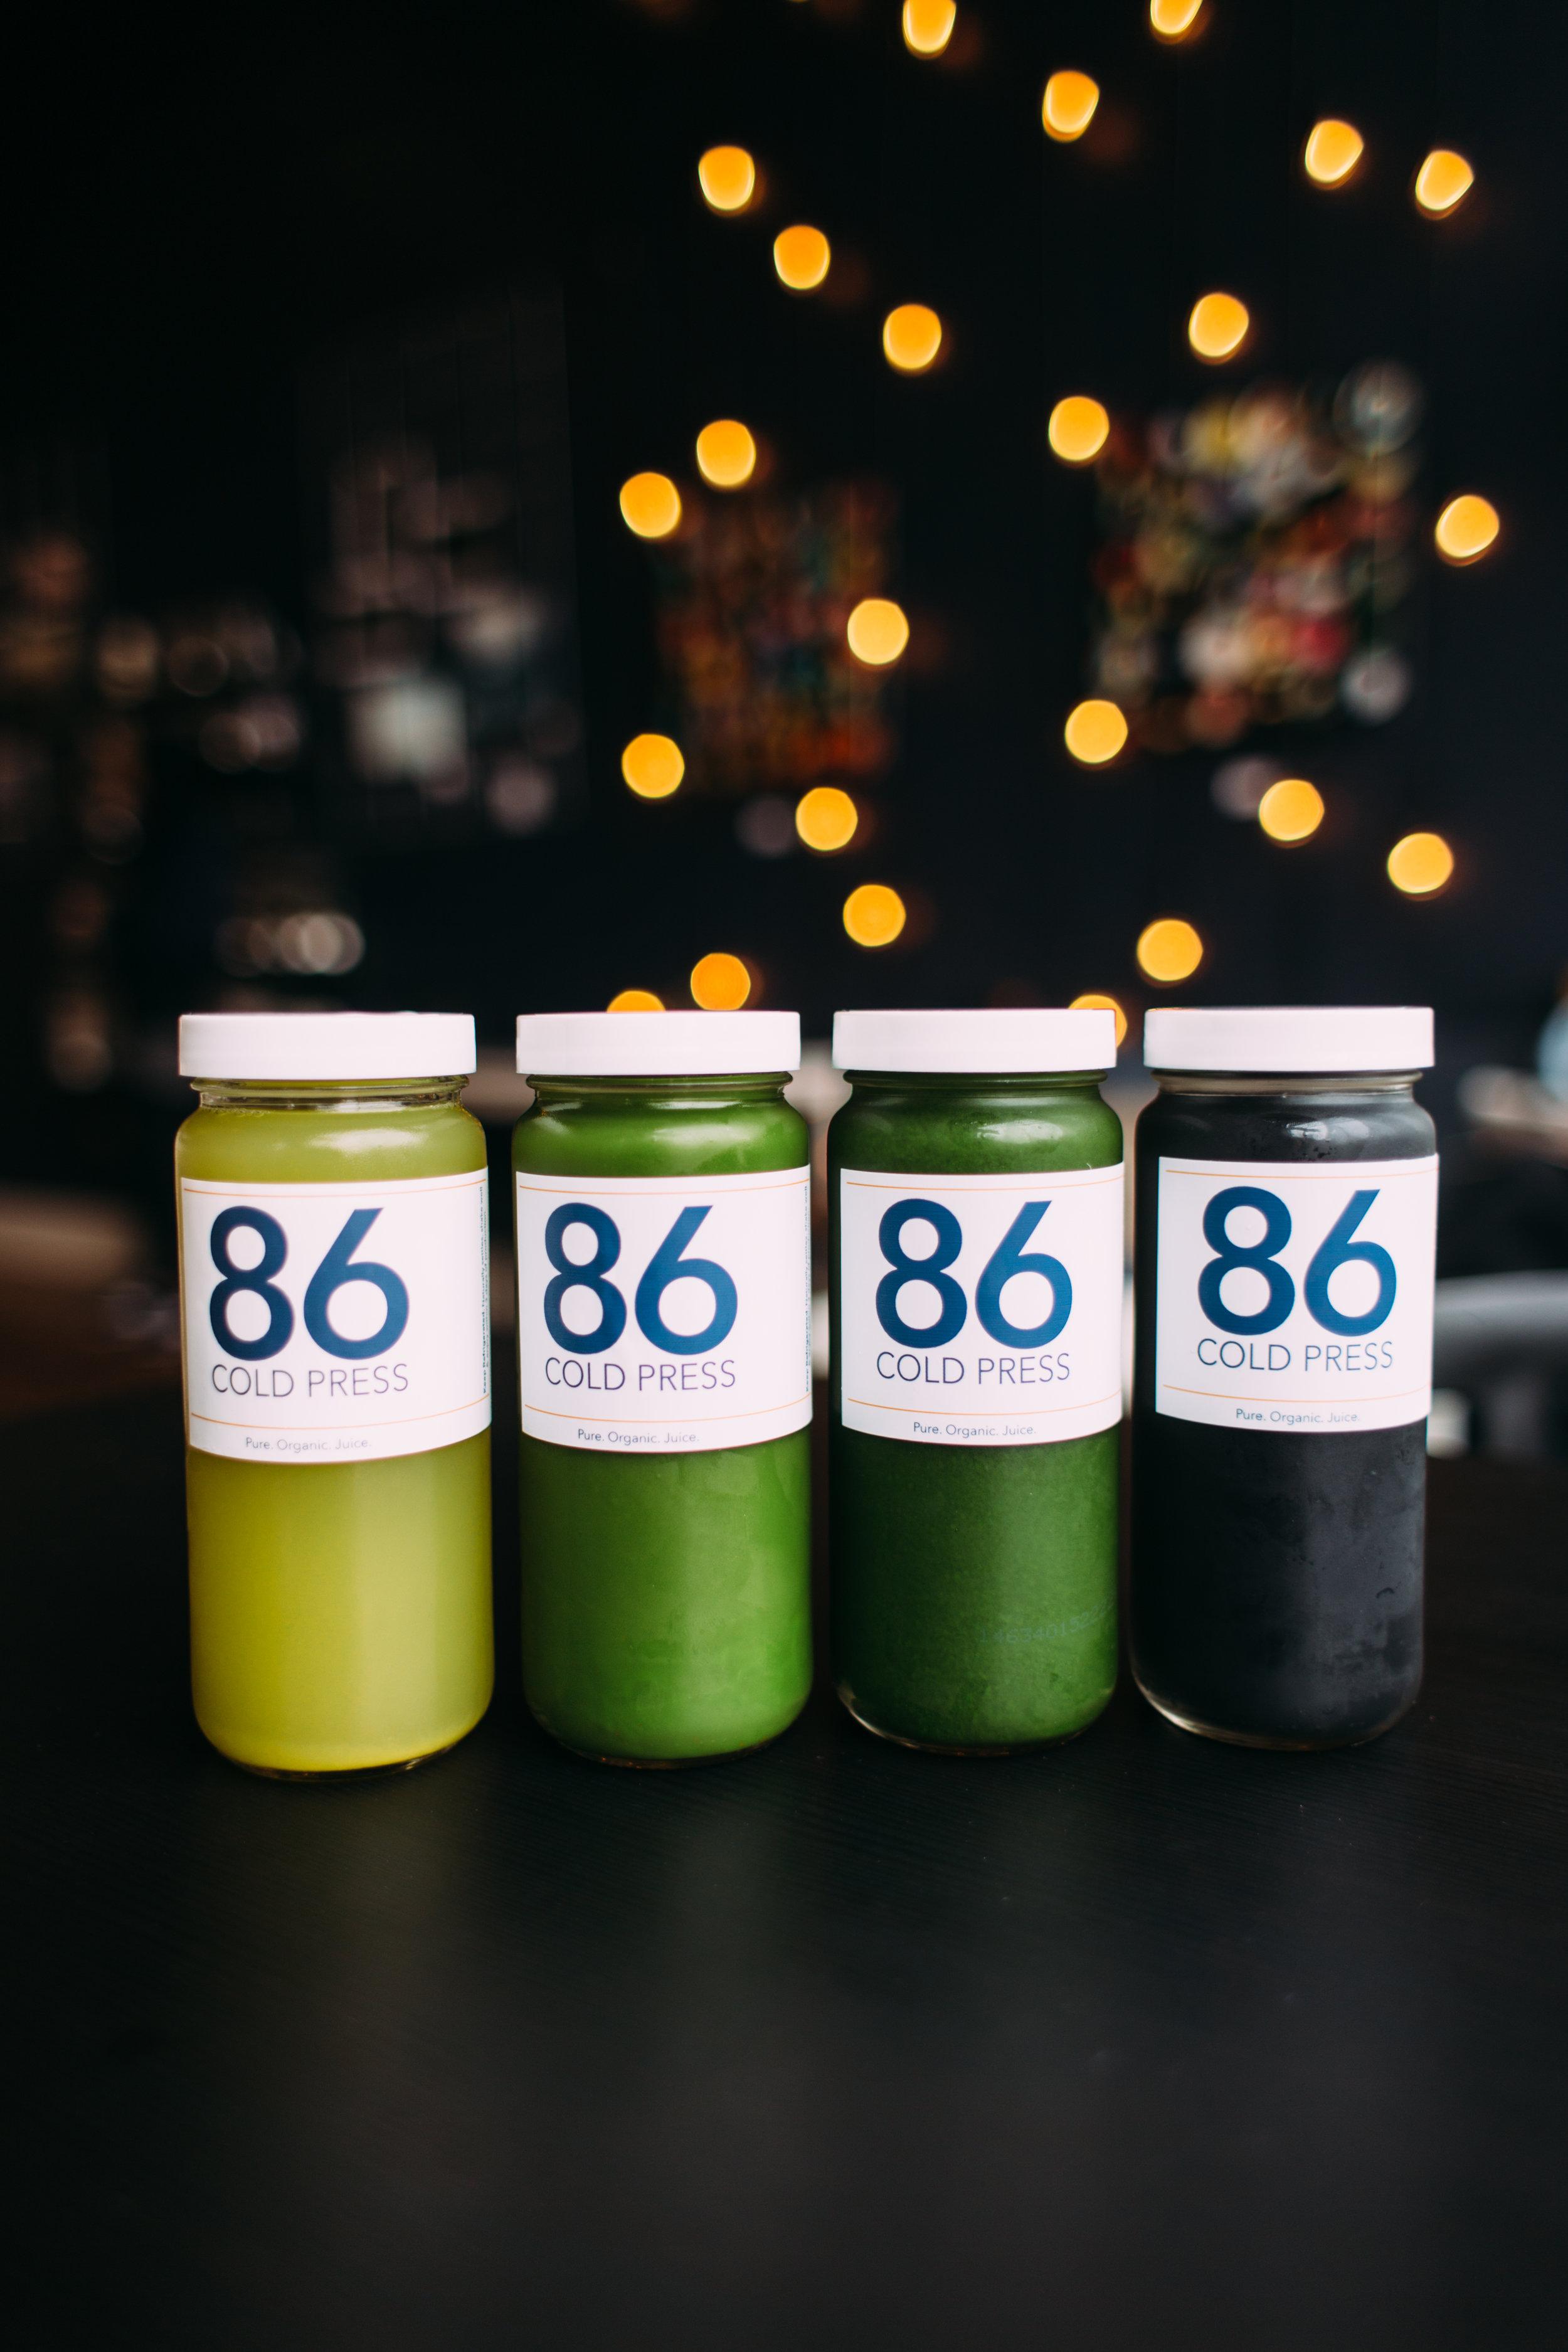 86coldpress-evolve-1.jpg